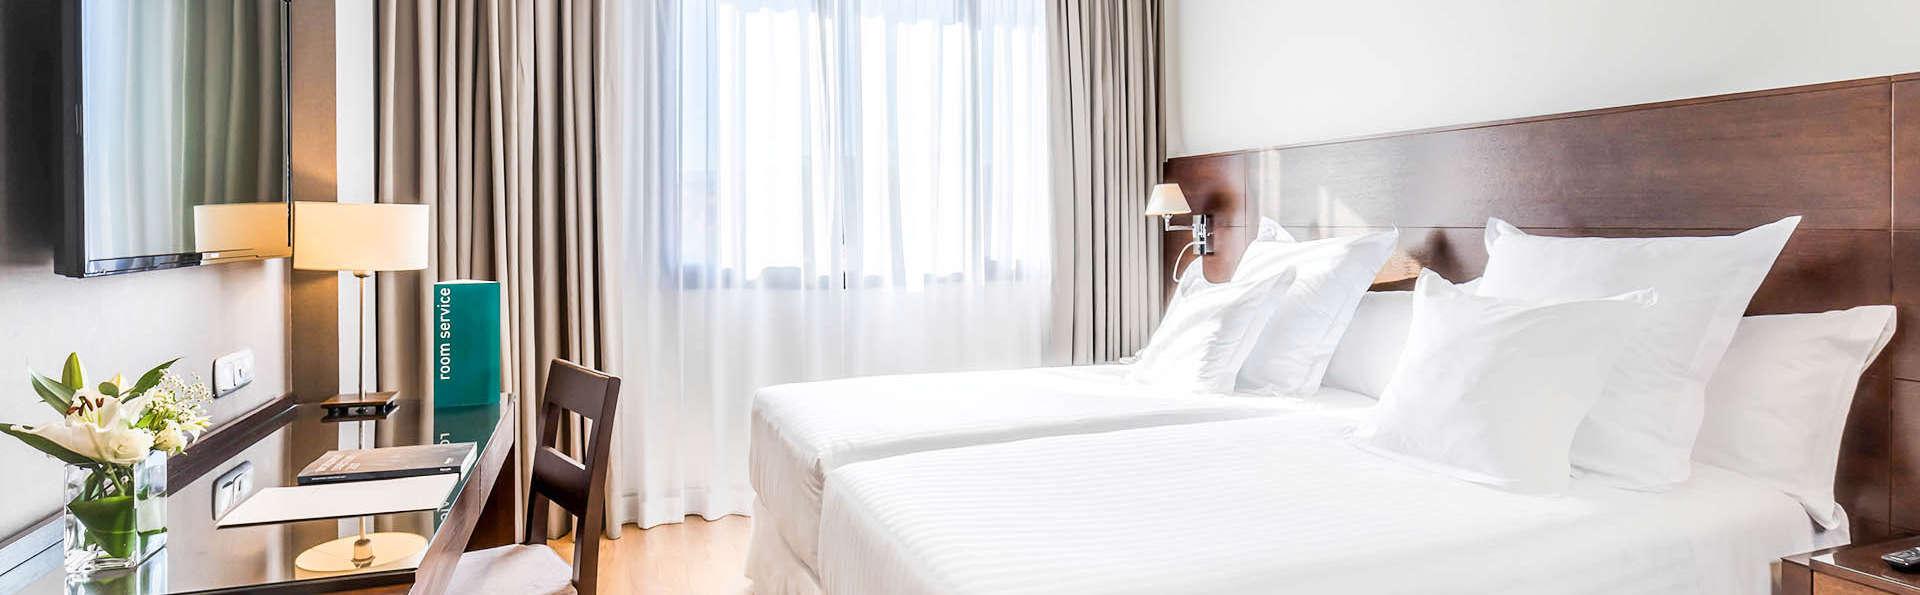 Hôtel 4 étoiles à Grenade en plein centre-ville avec parking inclus